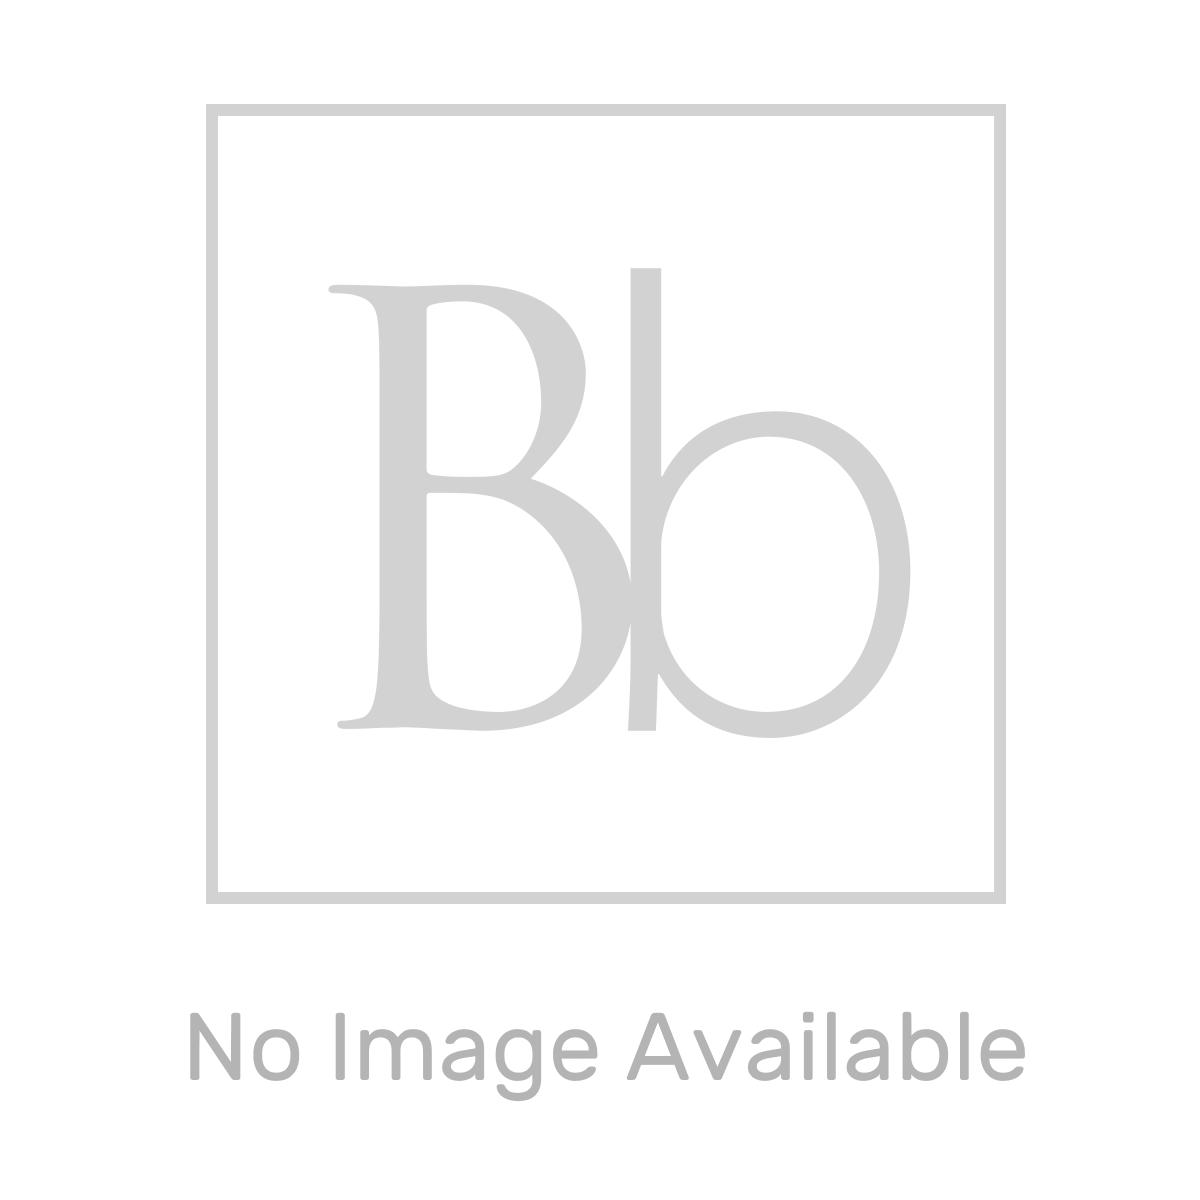 April Prestige2 Frameless Hinged Shower Door with Optional Side Panel Hinge